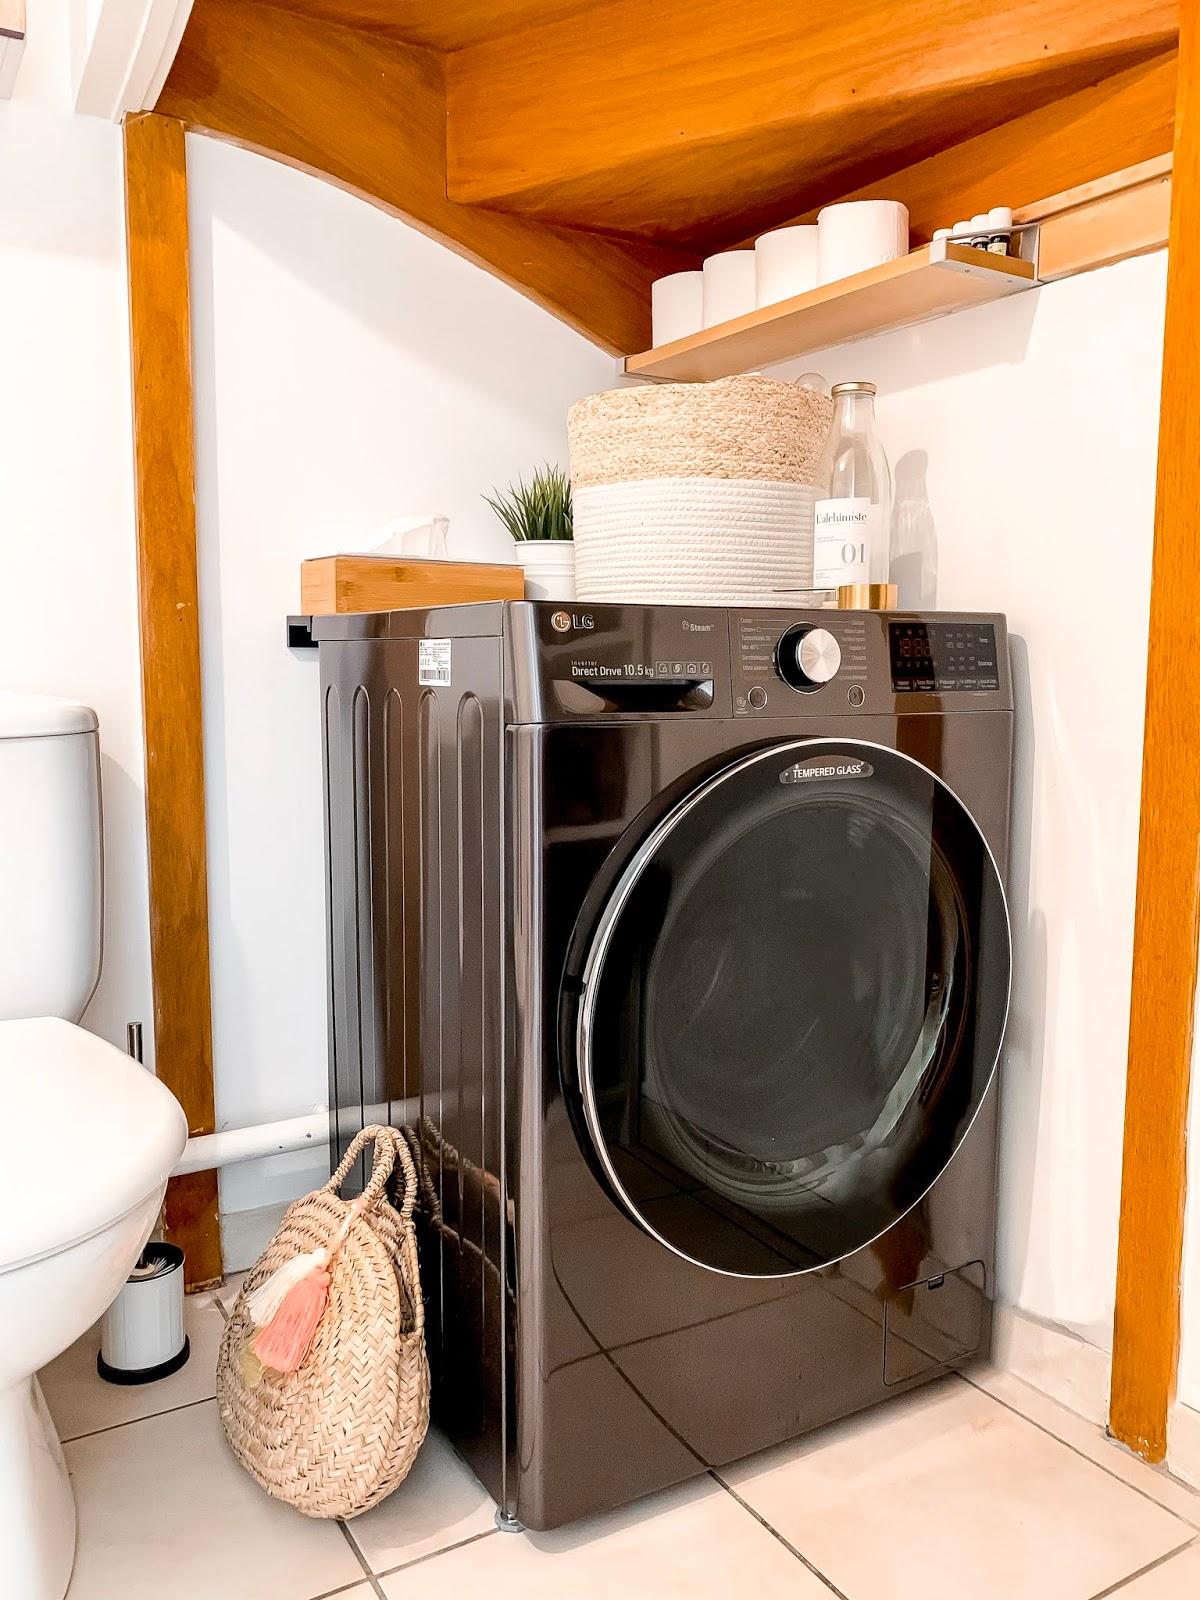 avis machine à laver LG turbowash 360 lave linge sèche linge buanderie wc toilettes déco aménagement décorer lessive les petits bidons maison plouf l'alchimiste